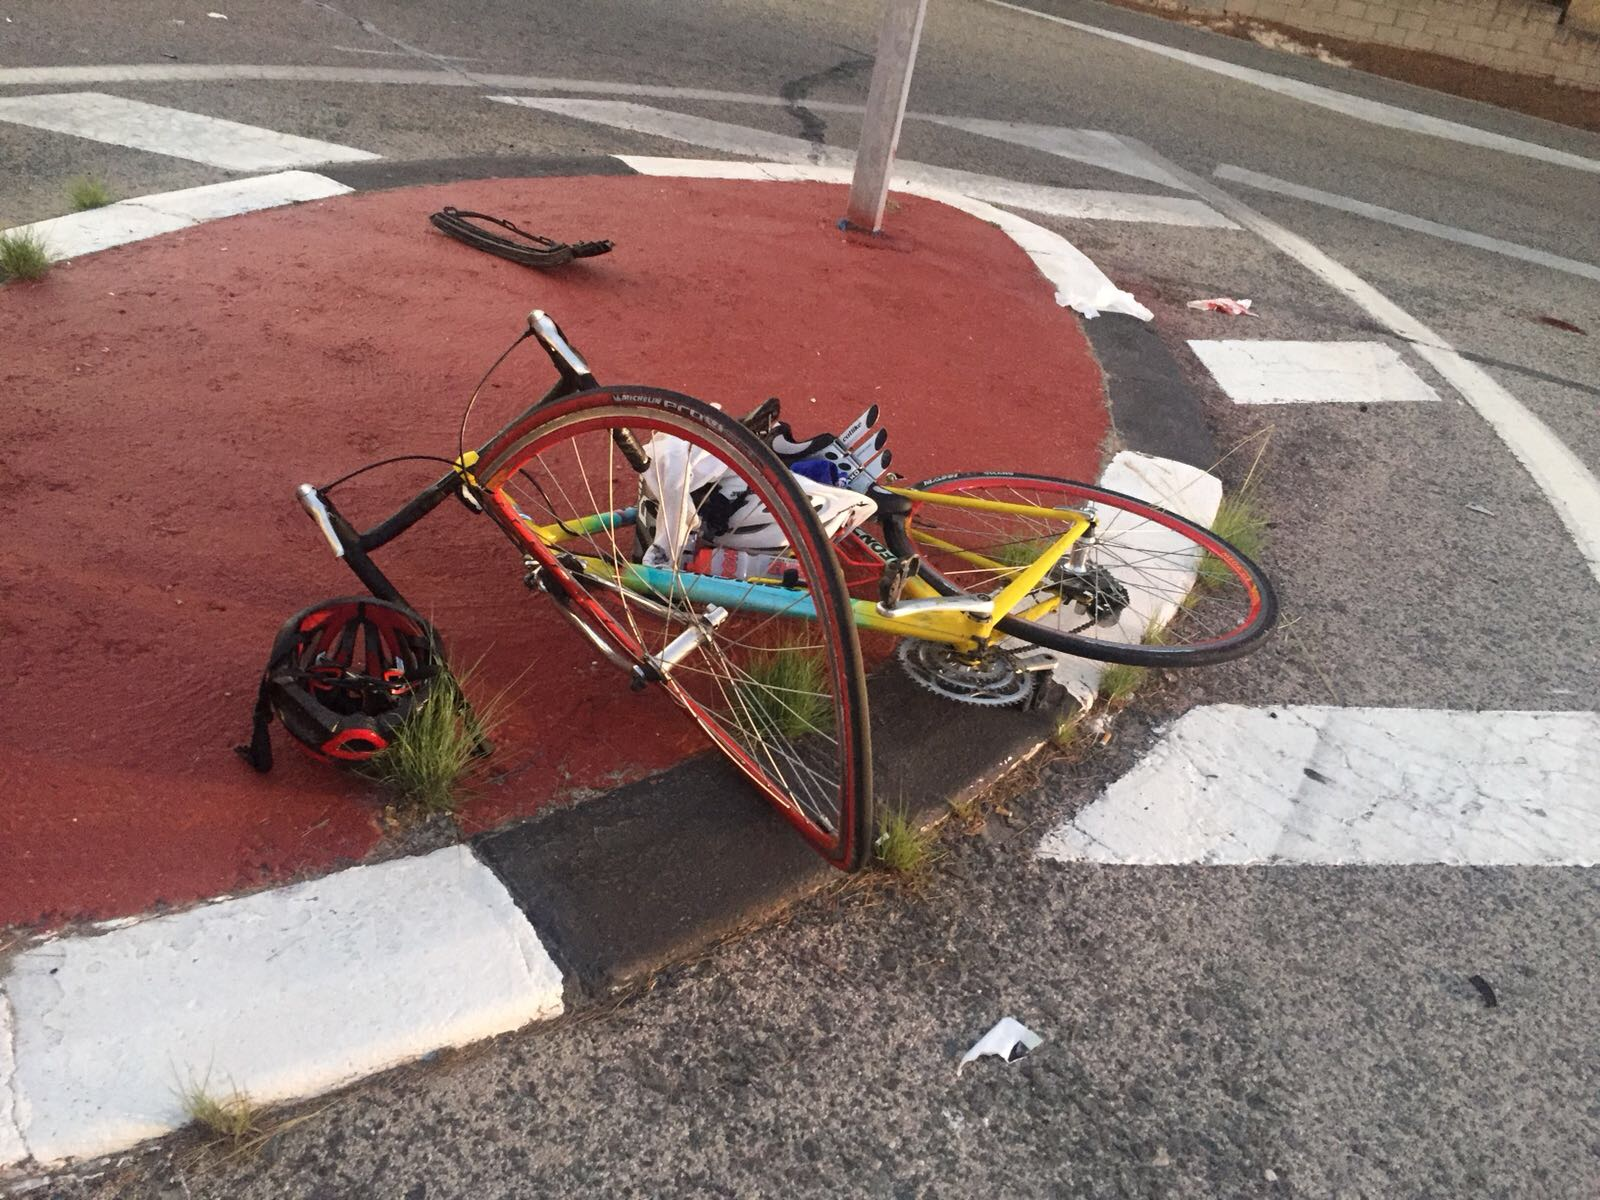 Ferit de gravetat un ciclista en un accident de tràfic El Periòdic d'Ontinyent